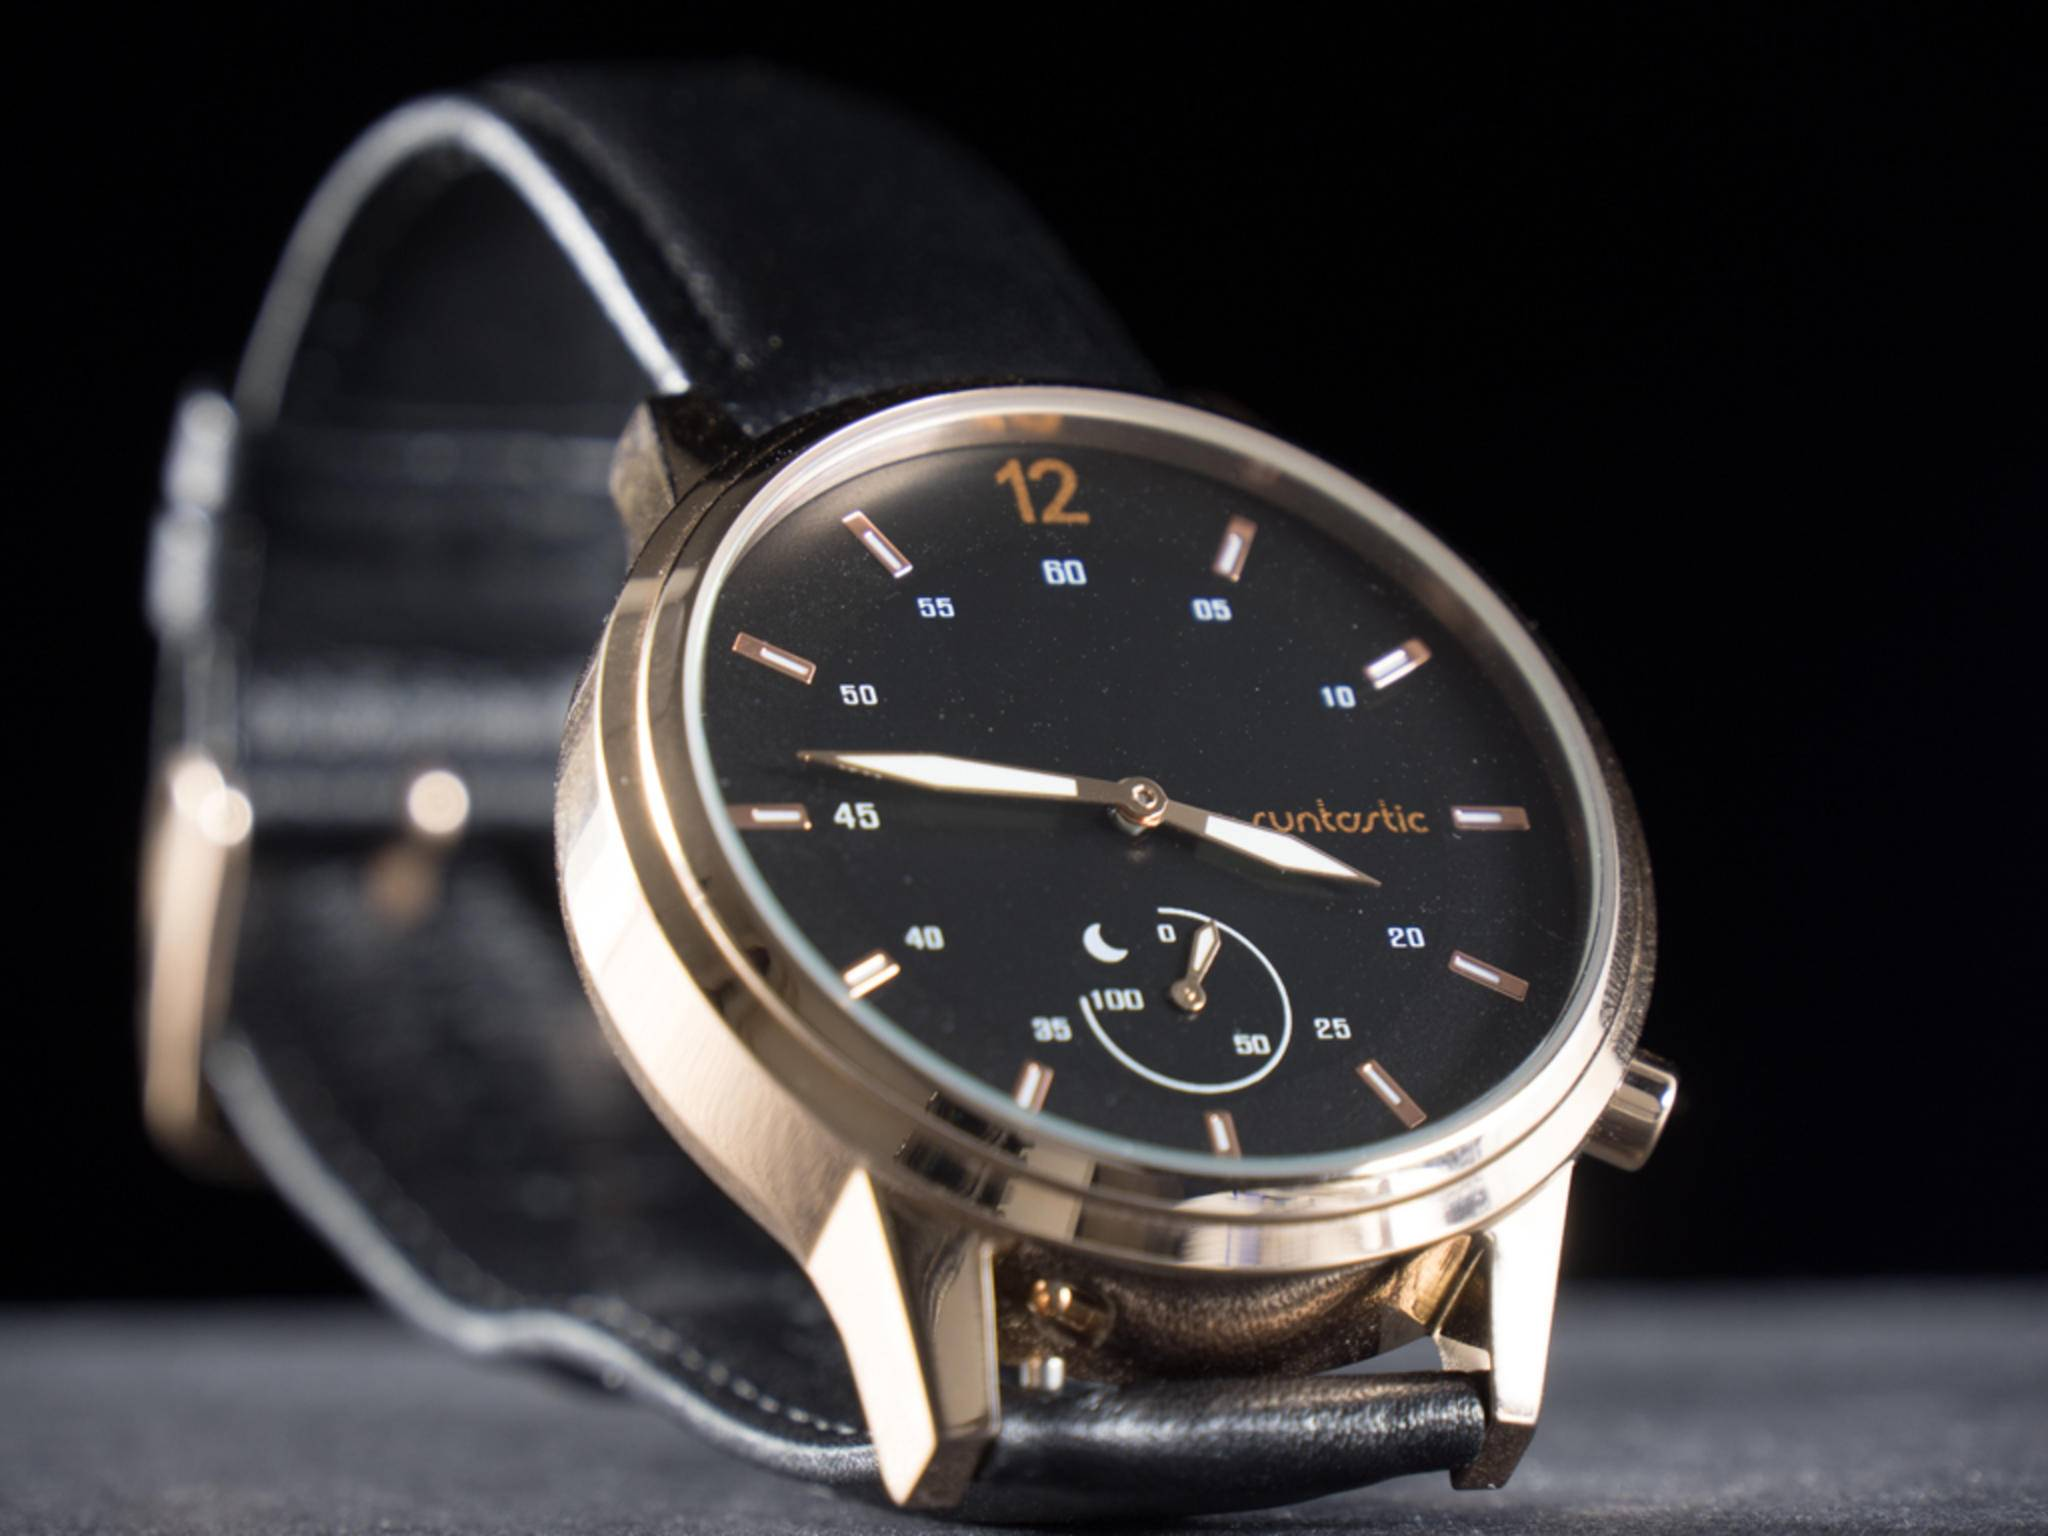 Das Design der Armbanduhr ist unaufgeregt und elegant.